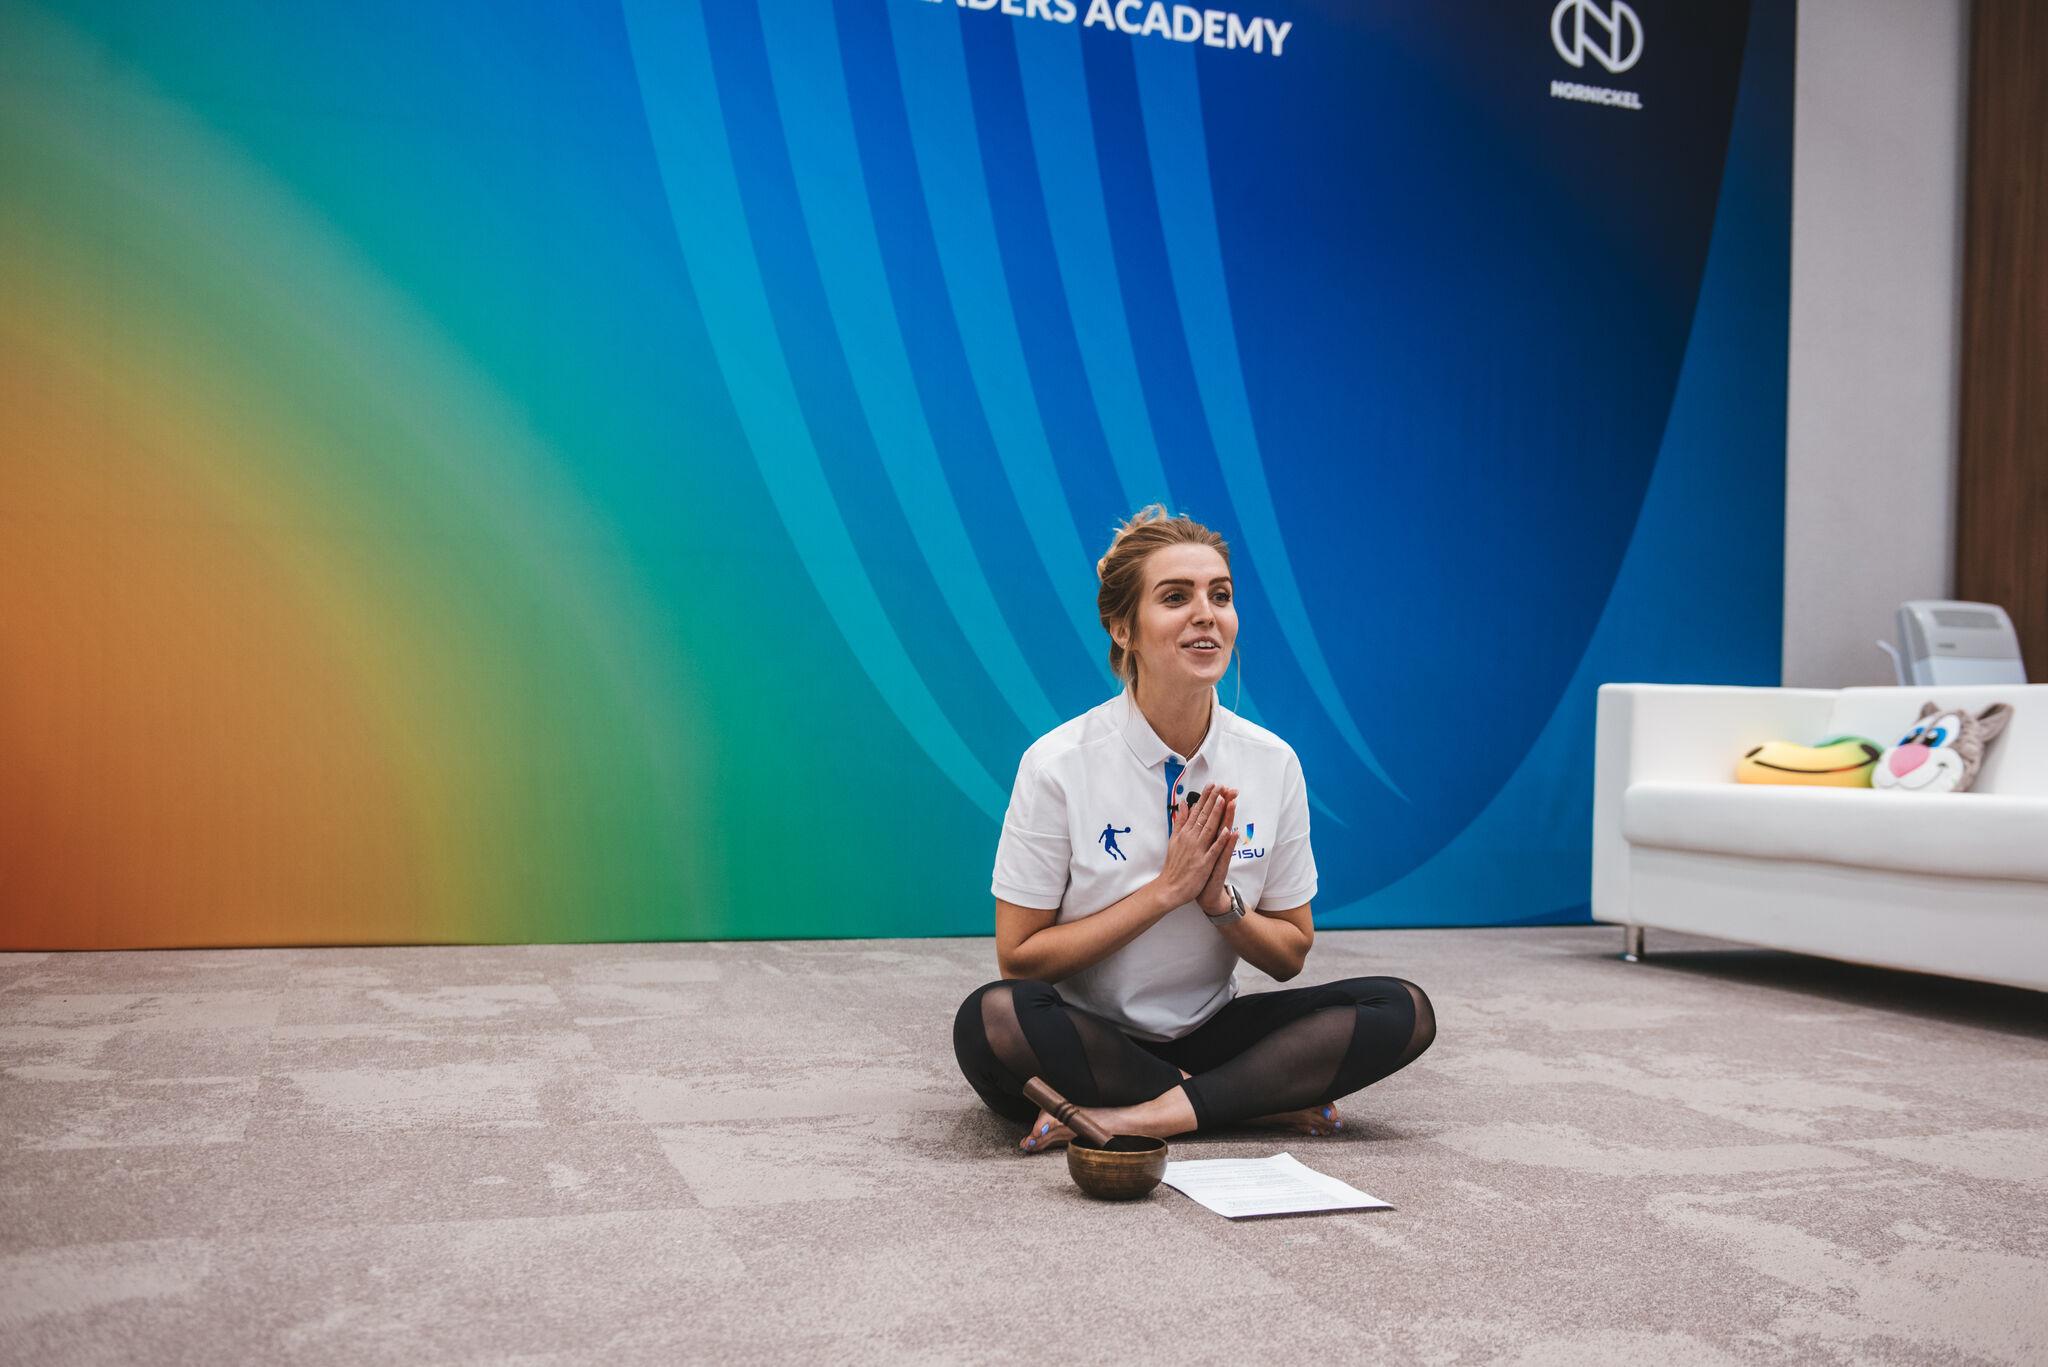 Yoga was a big part of the virtual FISU Volunteer Leaders Academy in 2021 ©FISU